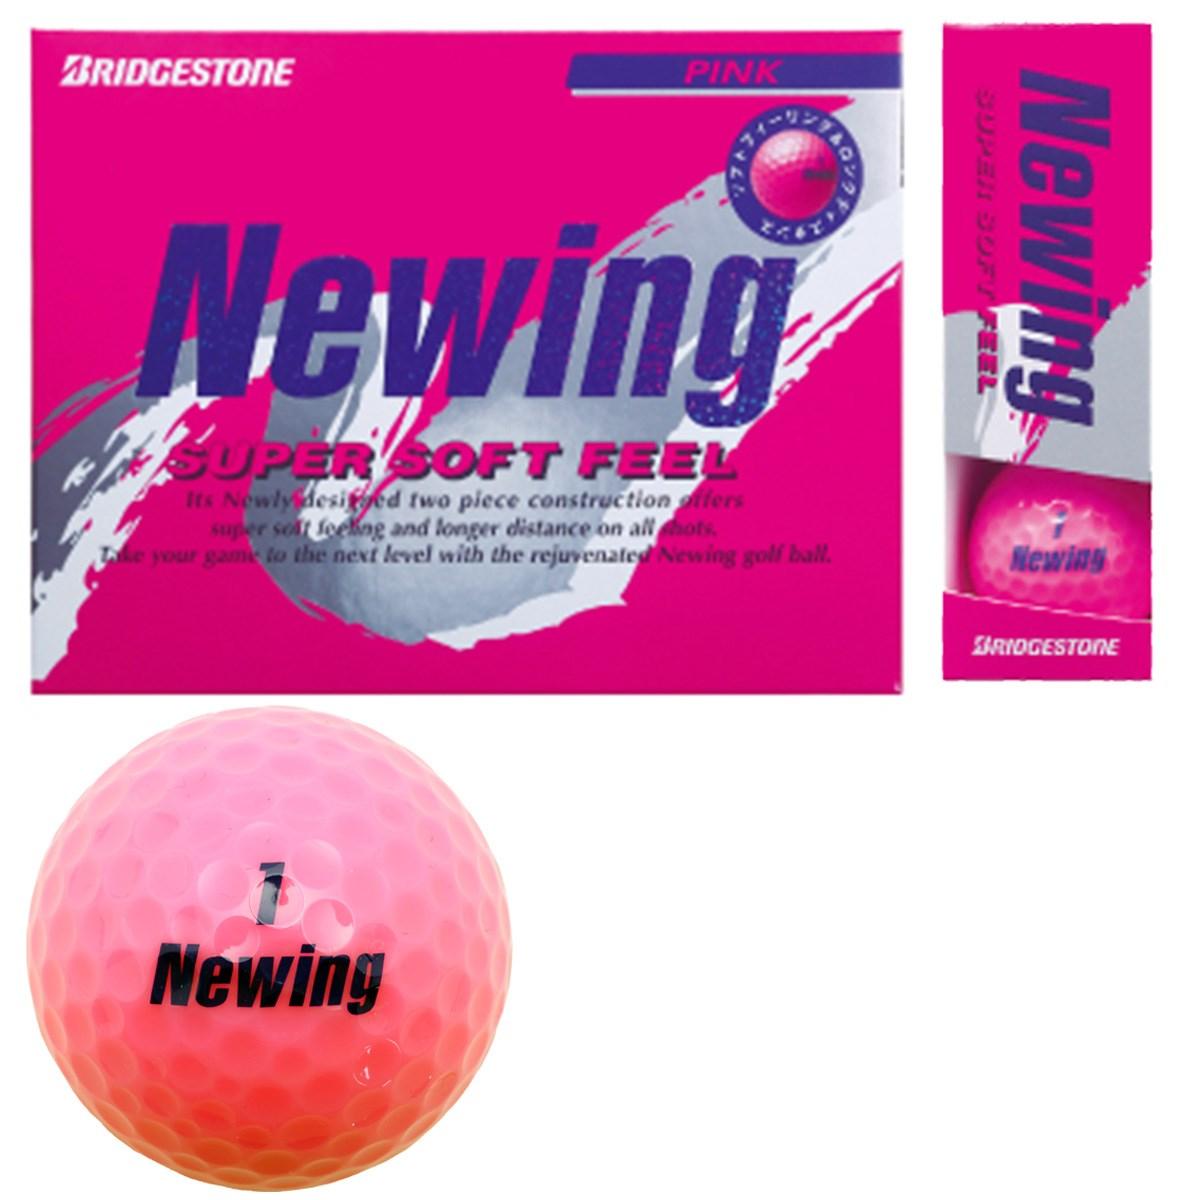 ブリヂストン NEWING ニューイング SUPER SOFT FEEL ボール 1ダース(12個入り) ピンク